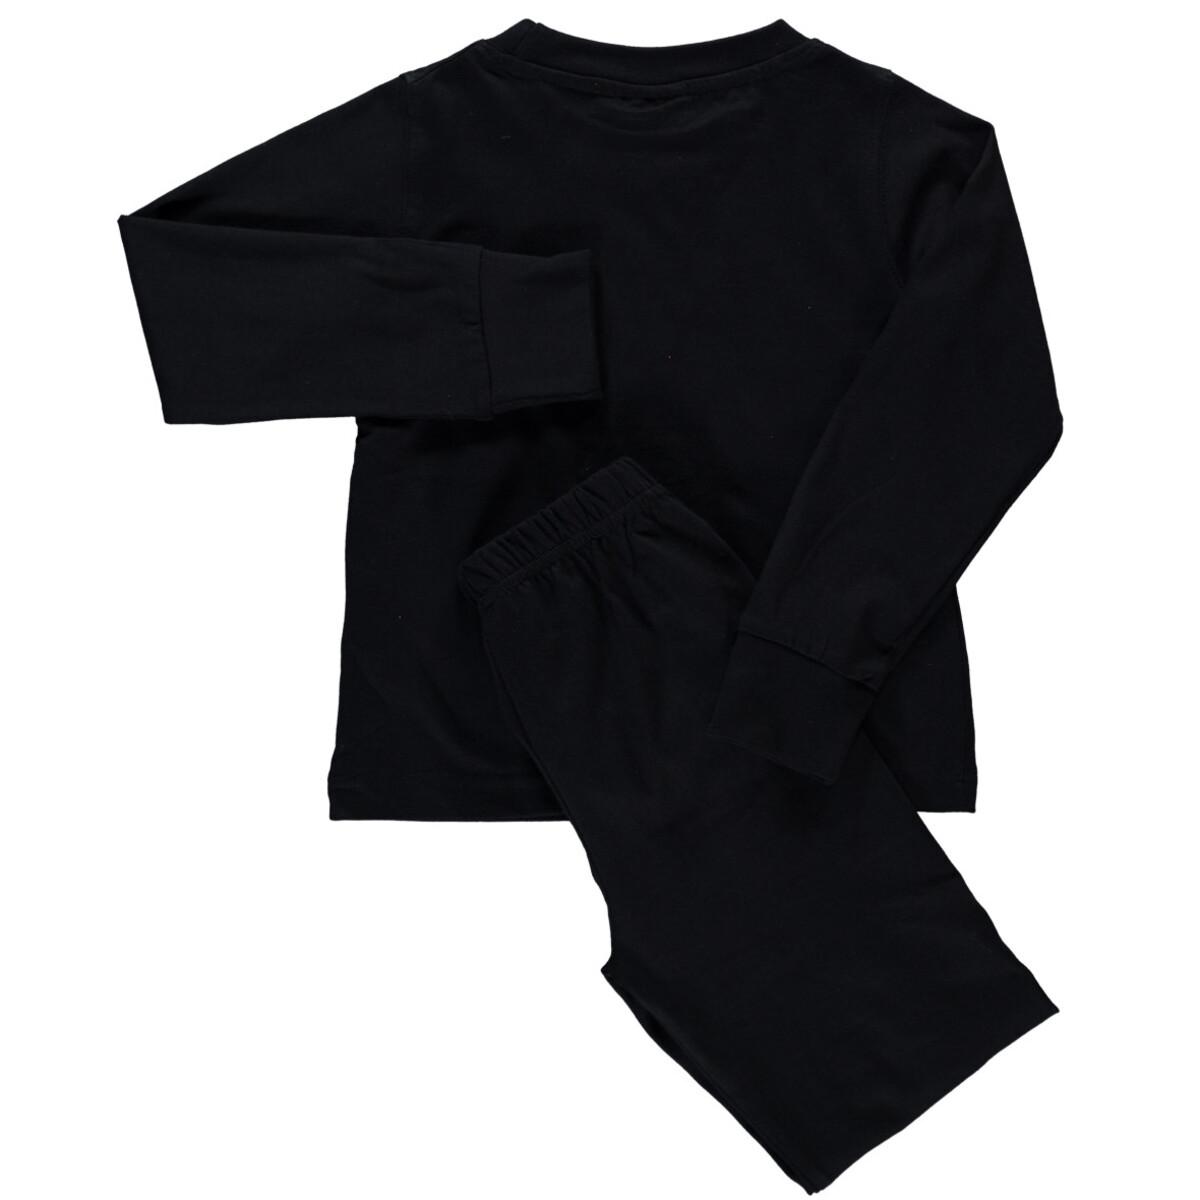 Bild 2 von Jungen Pyjama Set mit Elchgesicht